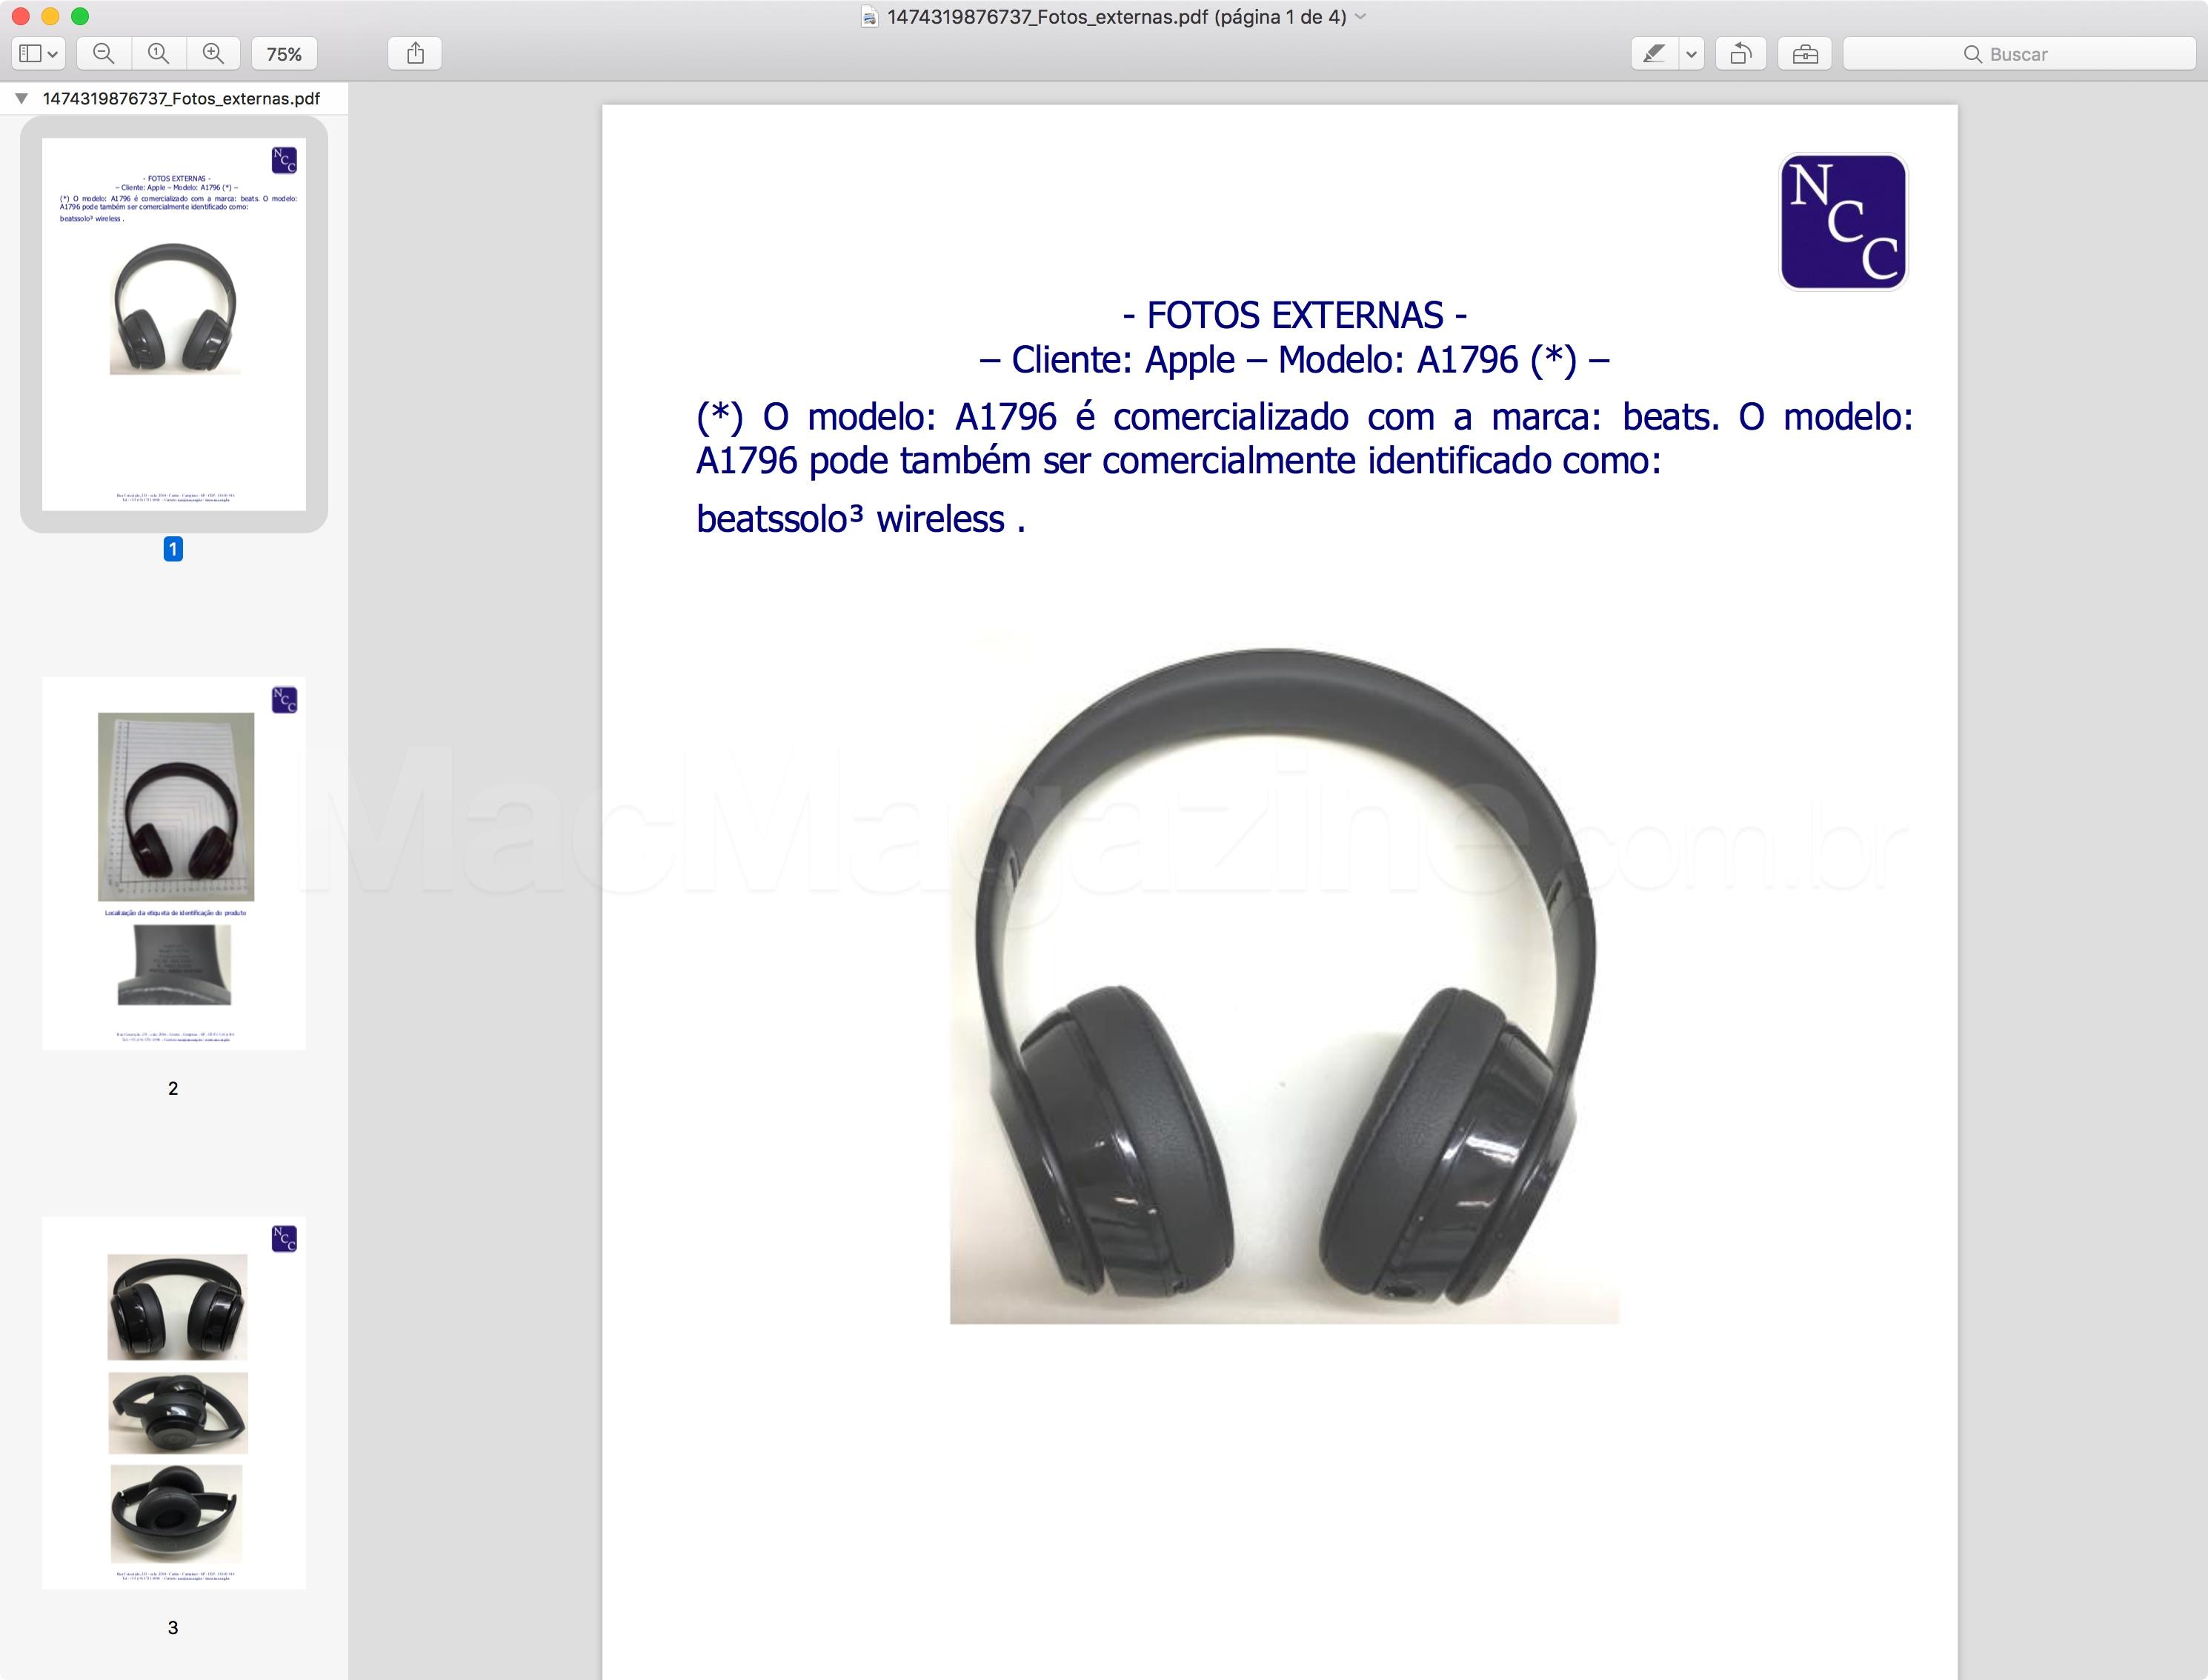 Fotos do Beats Solo3 Wireless (A1796)